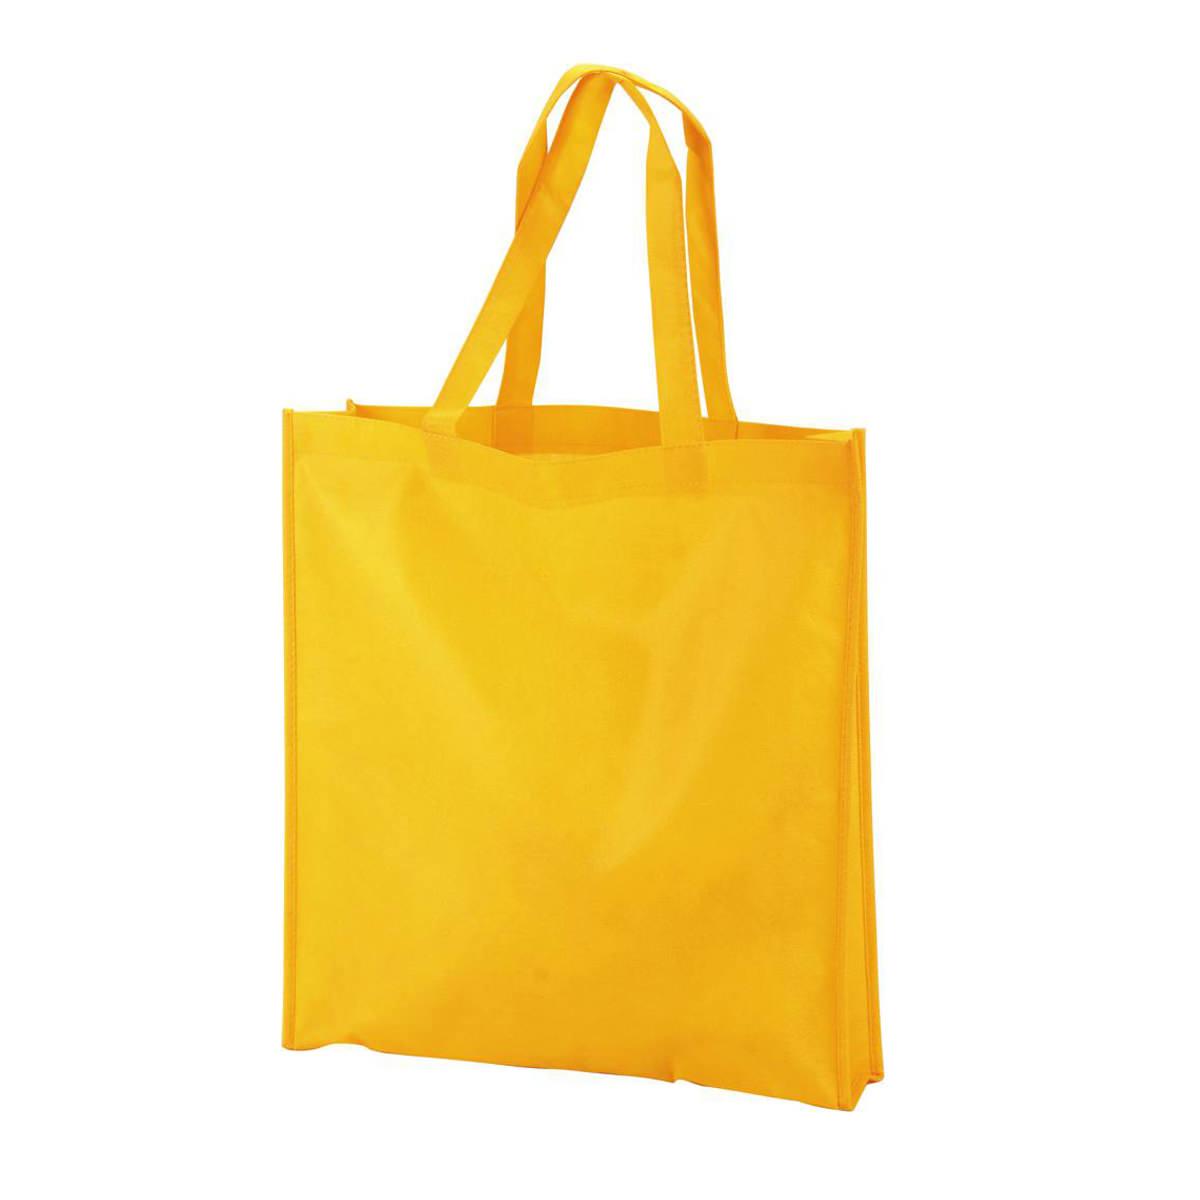 תיק אלבד לכנסים וקניות - סייקל